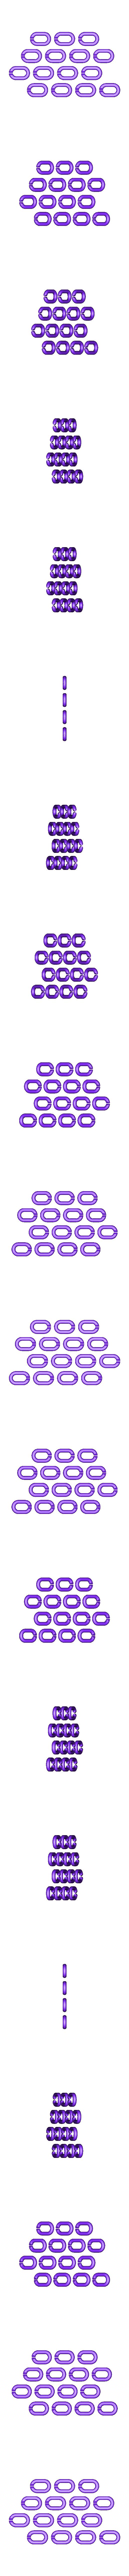 Chain_link20.stl Télécharger fichier STL gratuit Amulette magique pour un magicien ou un mage • Modèle pour imprimante 3D, plokr